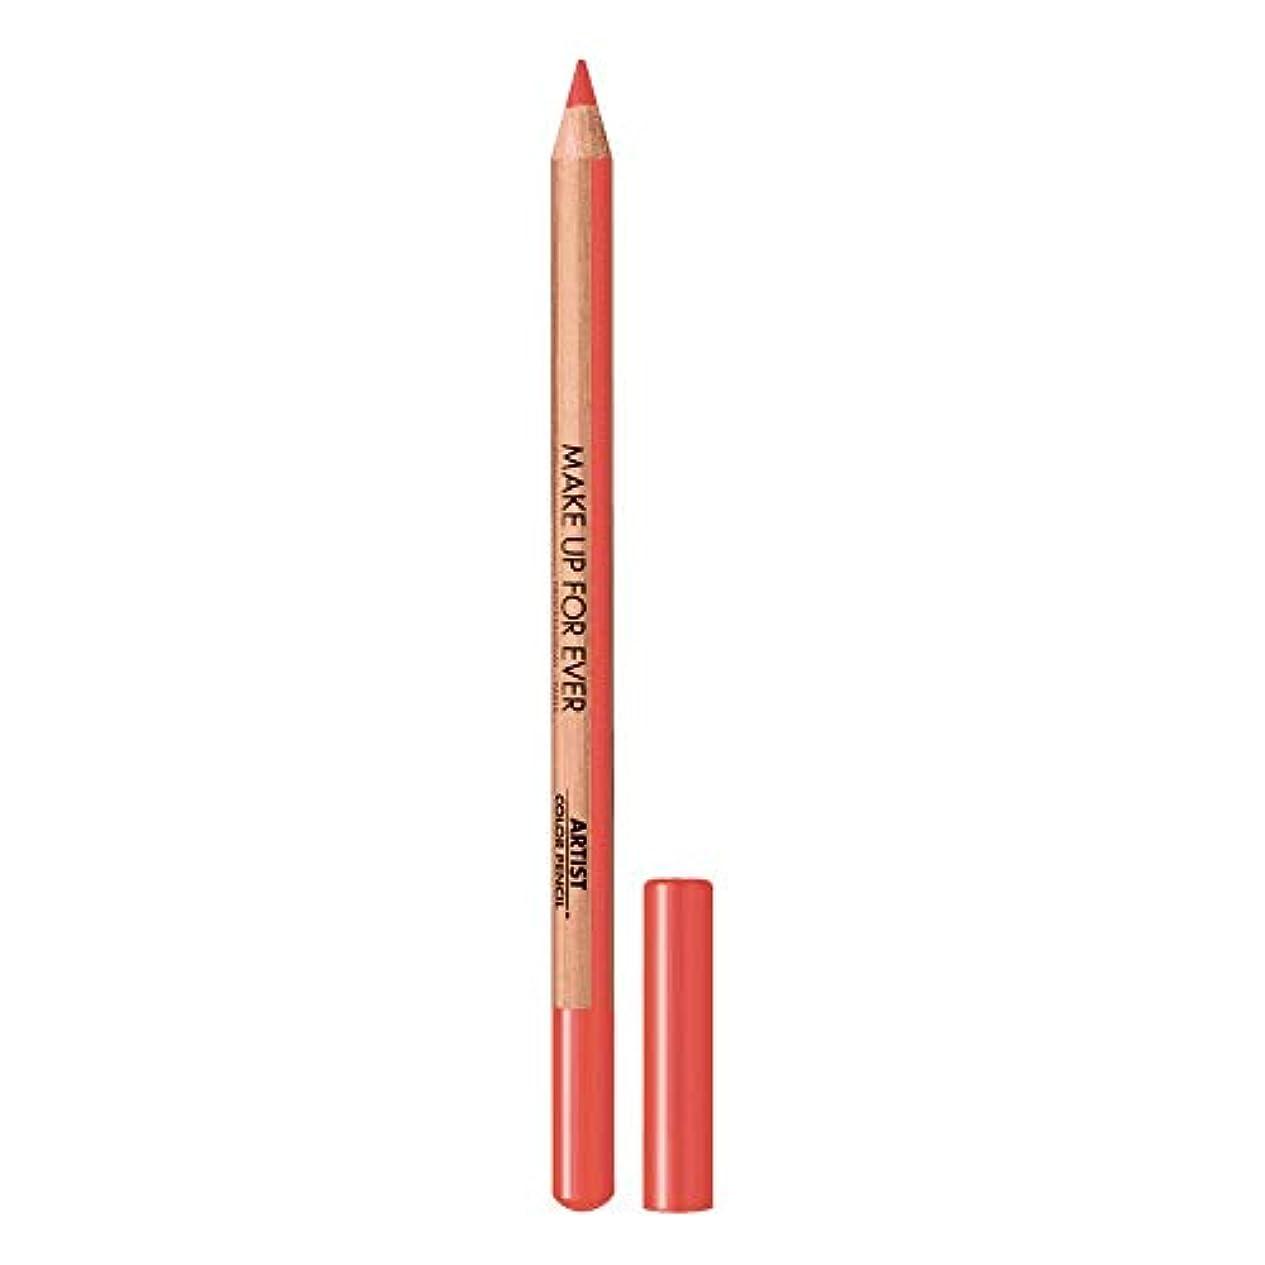 俳優肺見せますメイクアップフォーエバー Artist Color Pencil - # 700 Wichever Coral 1.41g/0.04oz並行輸入品